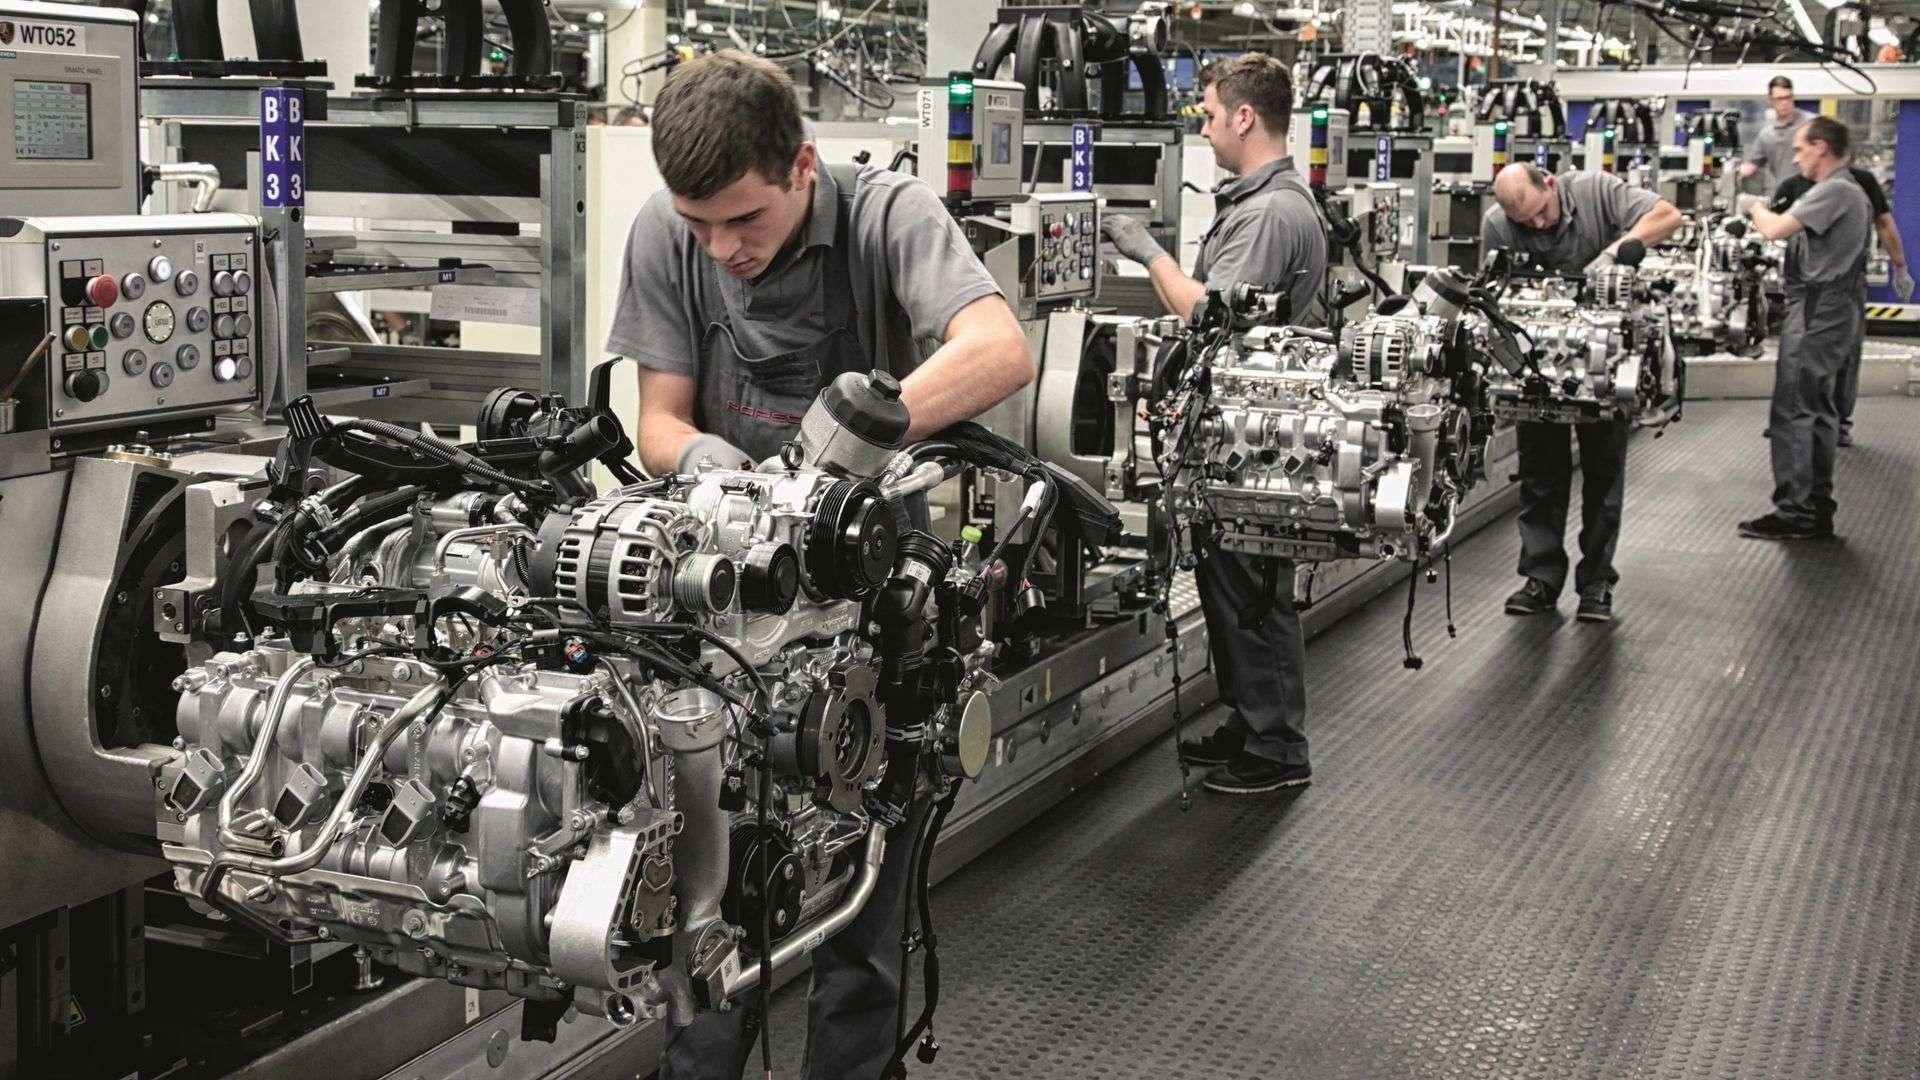 ¿Cómo se fabrica un automóvil de serie limitada? (V)